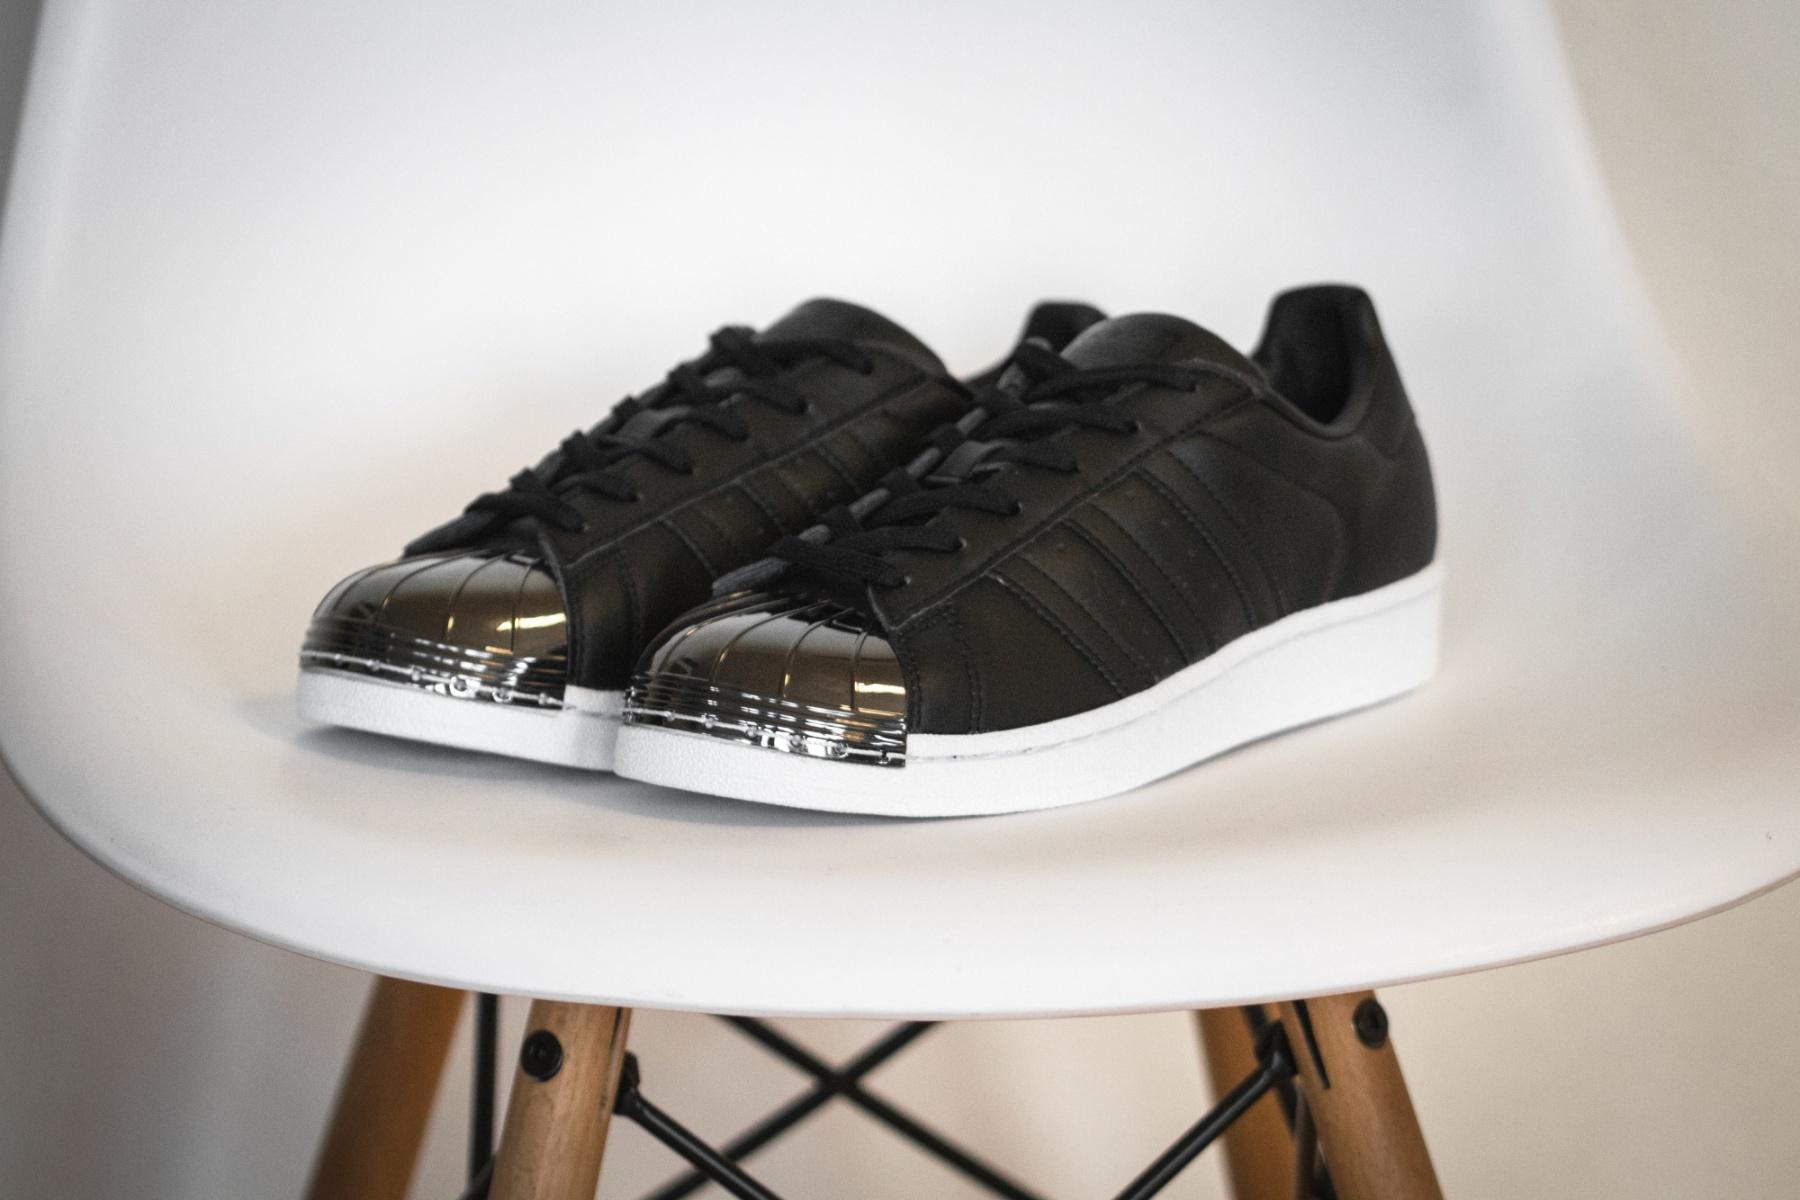 Sélection de basket en promotion + Code de 20% de Réduction - Ex : Chaussures femme Adidas Superstar Metal Toe - Noir